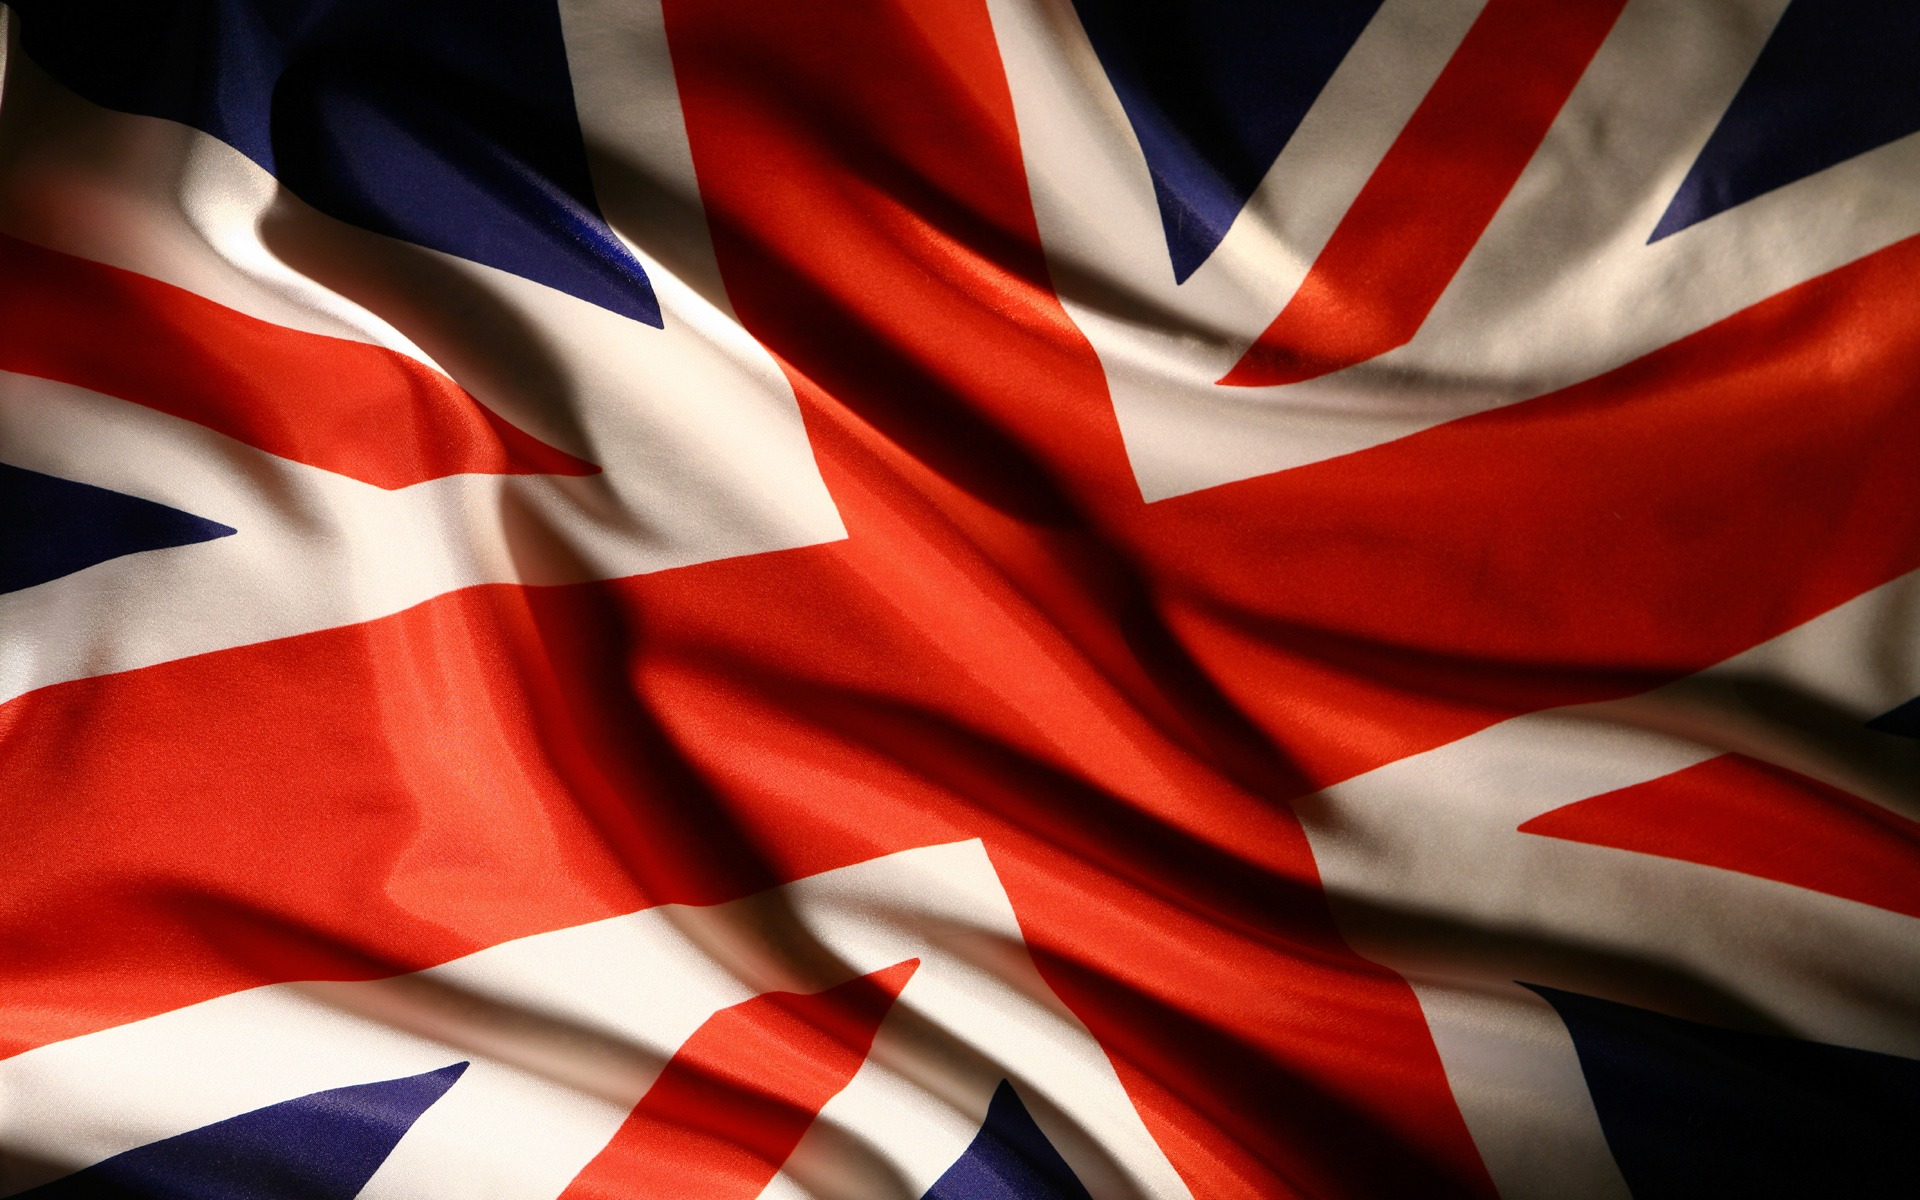 Hrvati od 01. jula u Velikoj Britaniji mogu da rade bez ograničenja